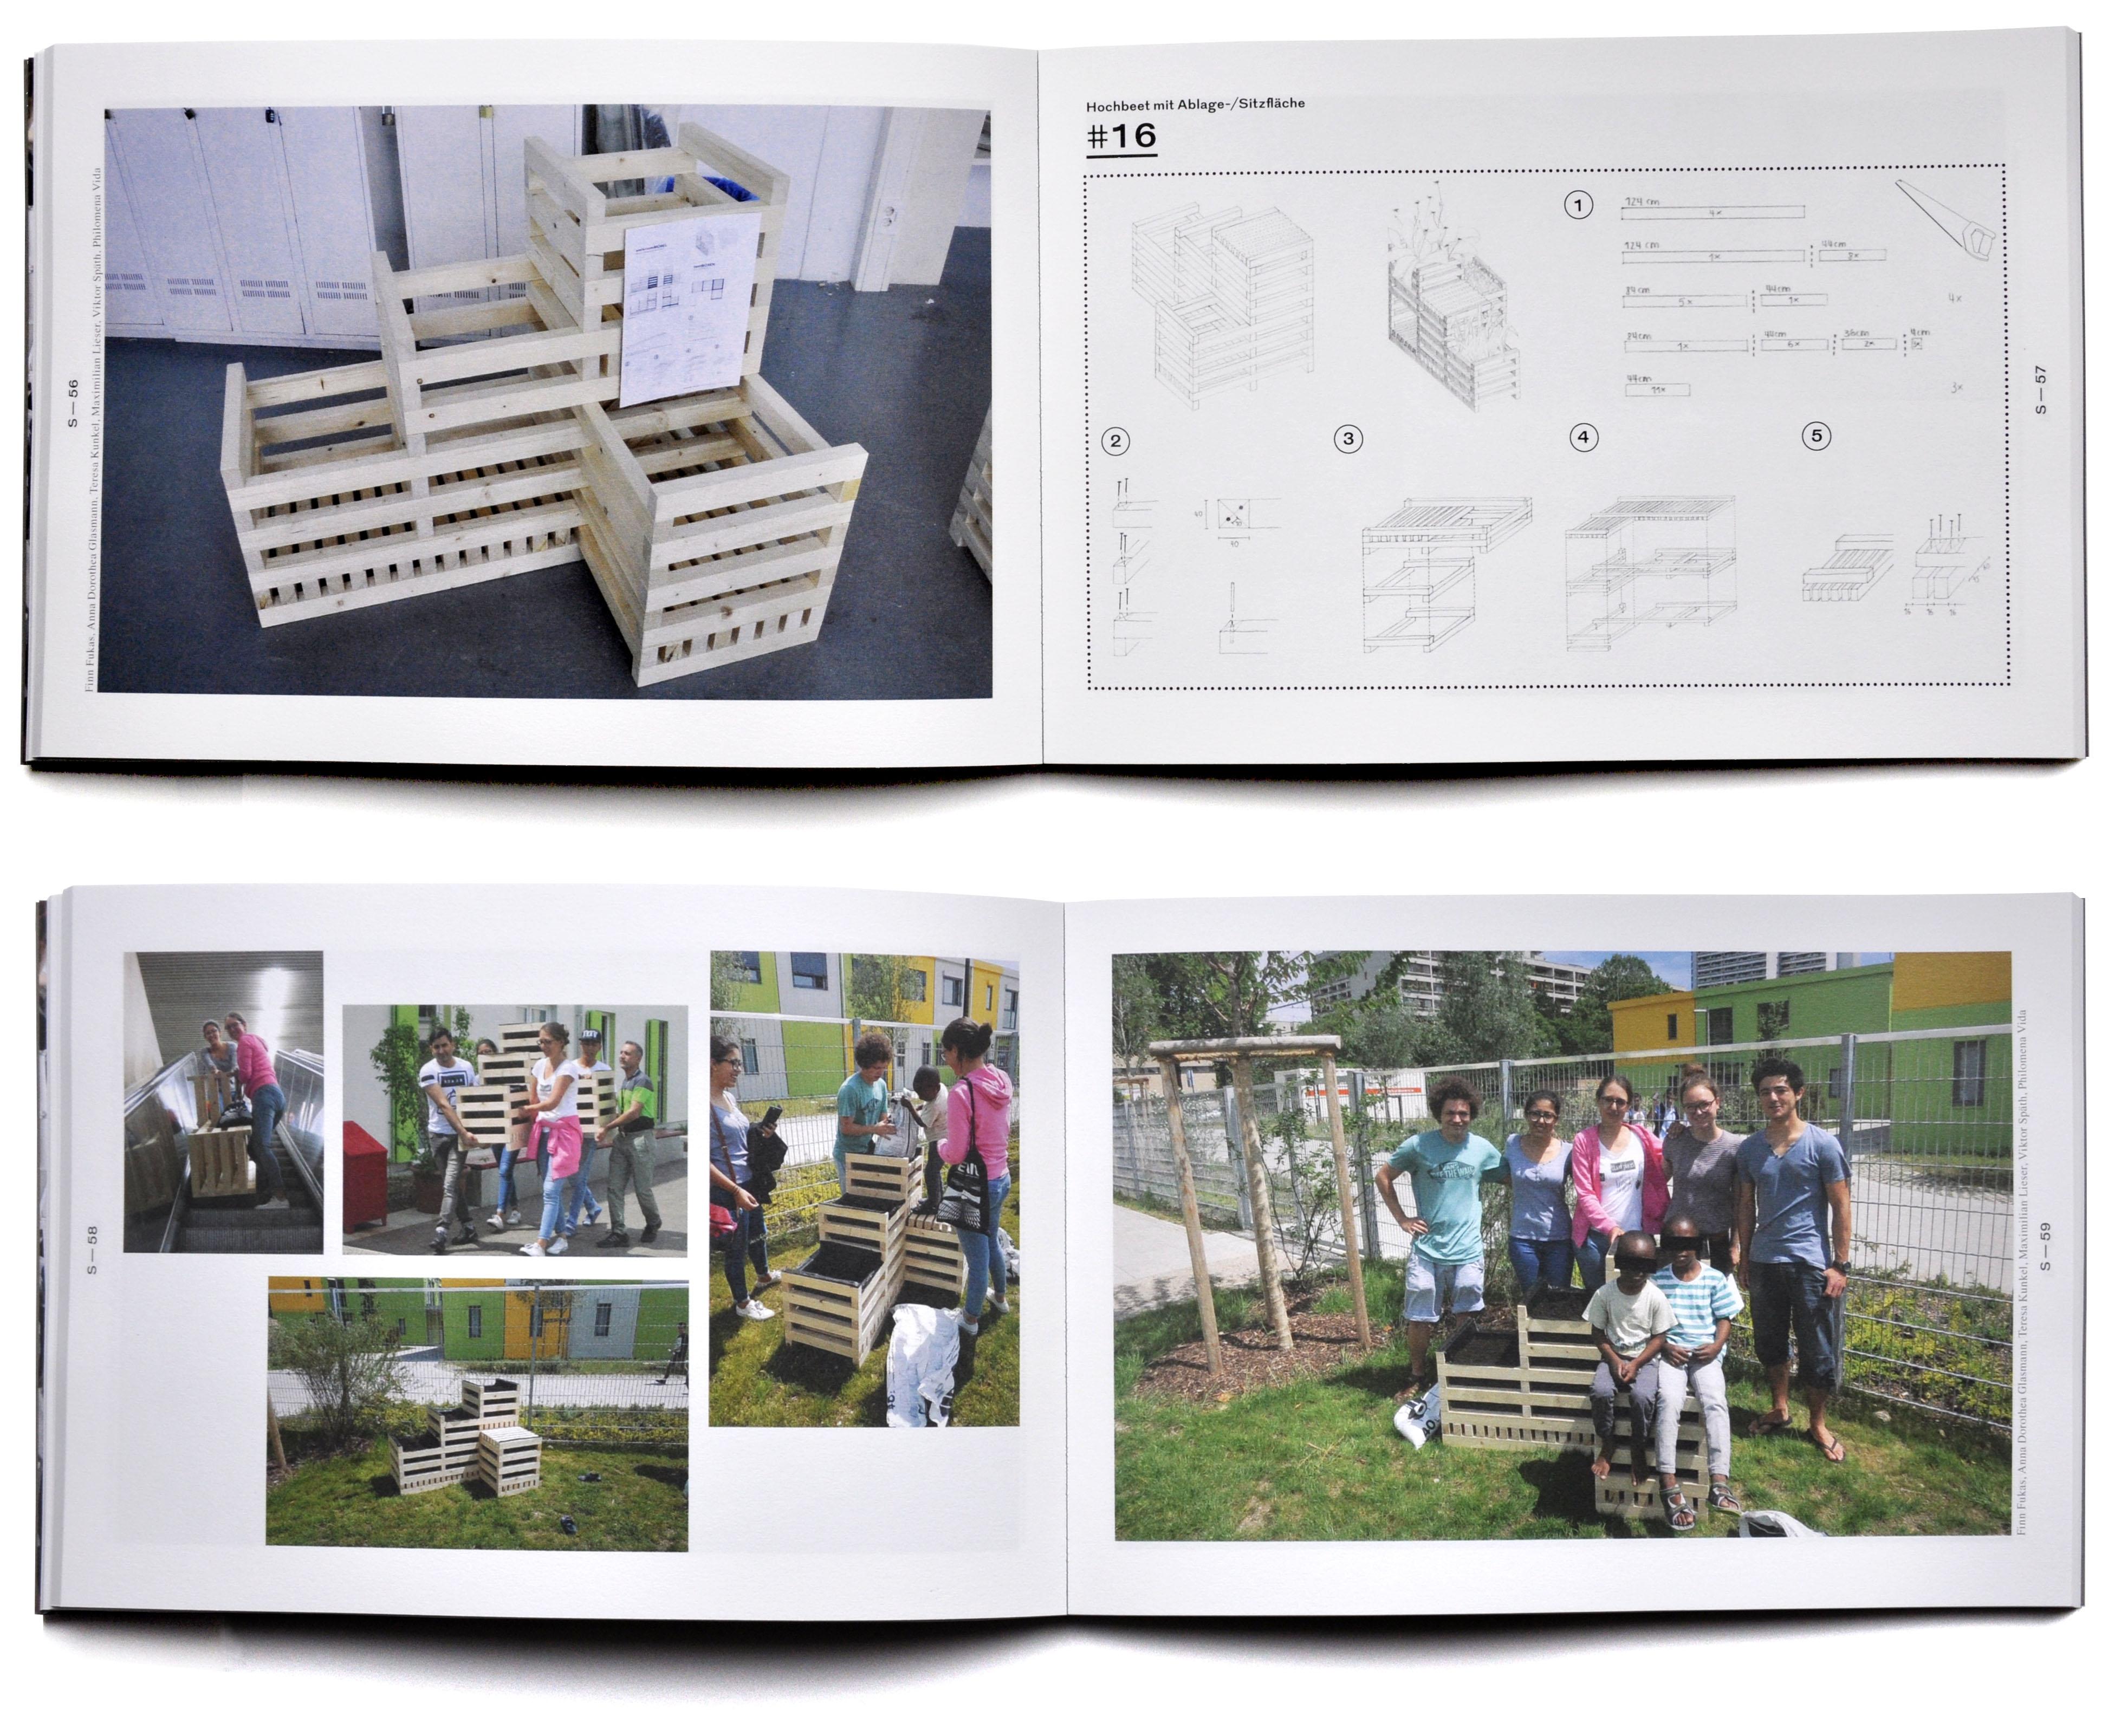 """Die im Rahmen dieser Übung entstandenen Prototypen sollen den Außenraum konkreter Unterkünfte aufwerten. Sie dienen im Zusammenhang mit den jeweiligen Bauanleitungen den Bewohnern der Unterkünfte als Inspiration, in den vom """"werkraum"""" eingerichteten Werkstätten unter professioneller Anleitung Mobiliar aus Holz herzustellen."""